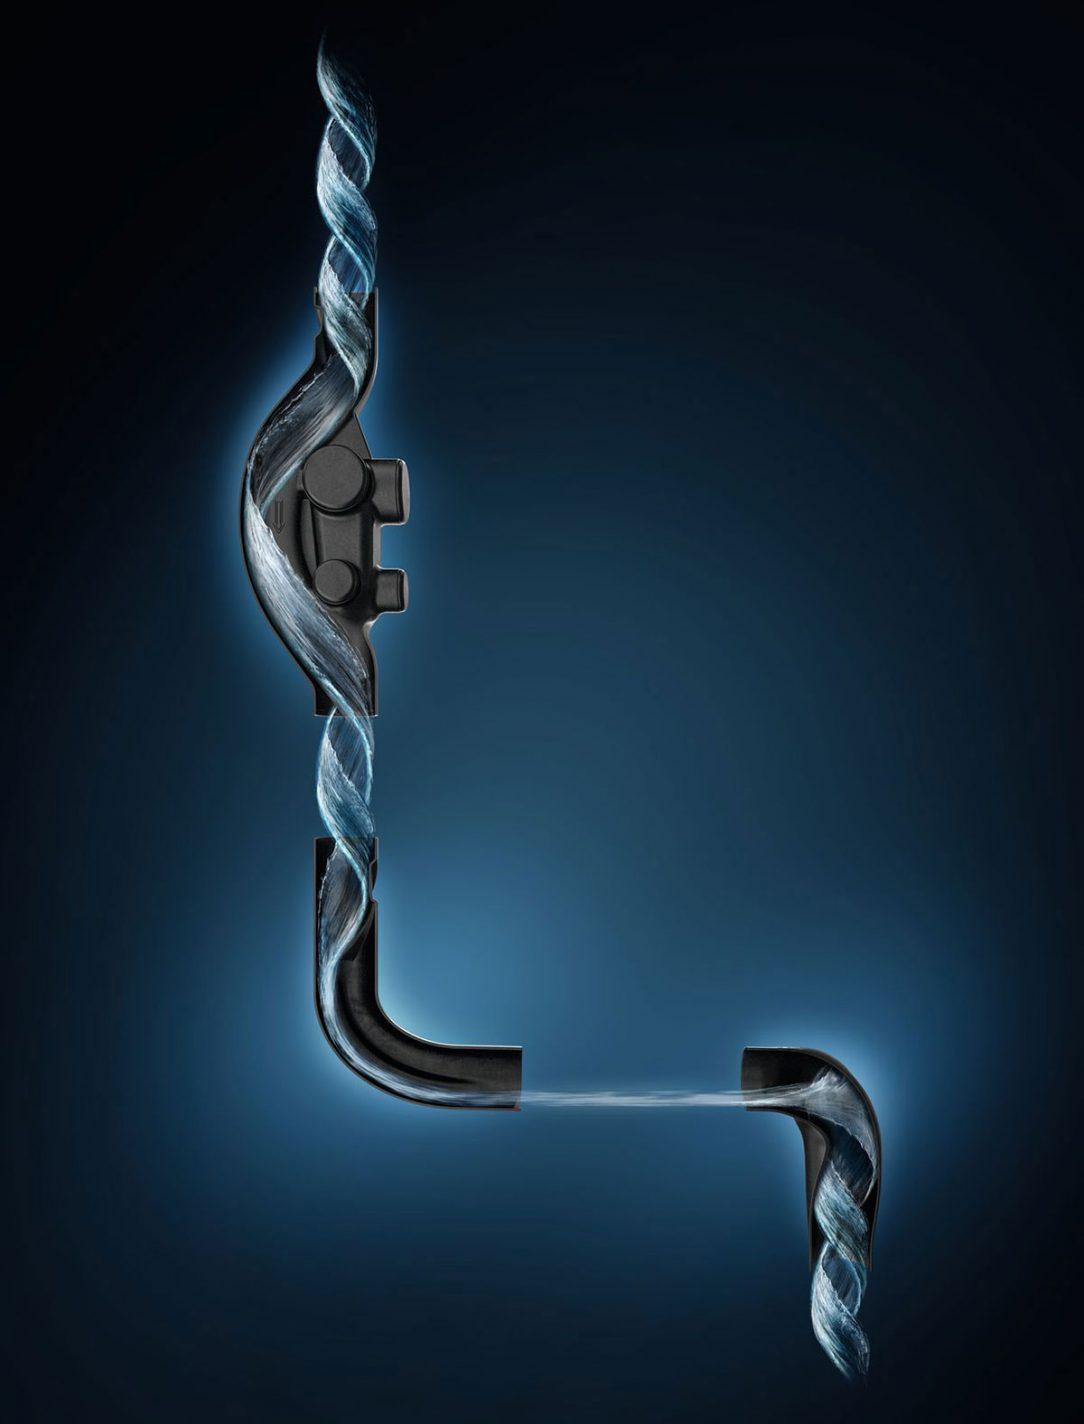 Technológia Geberit SuperTube je založená na dokonalej súhre medzi štyrmi časťami systému